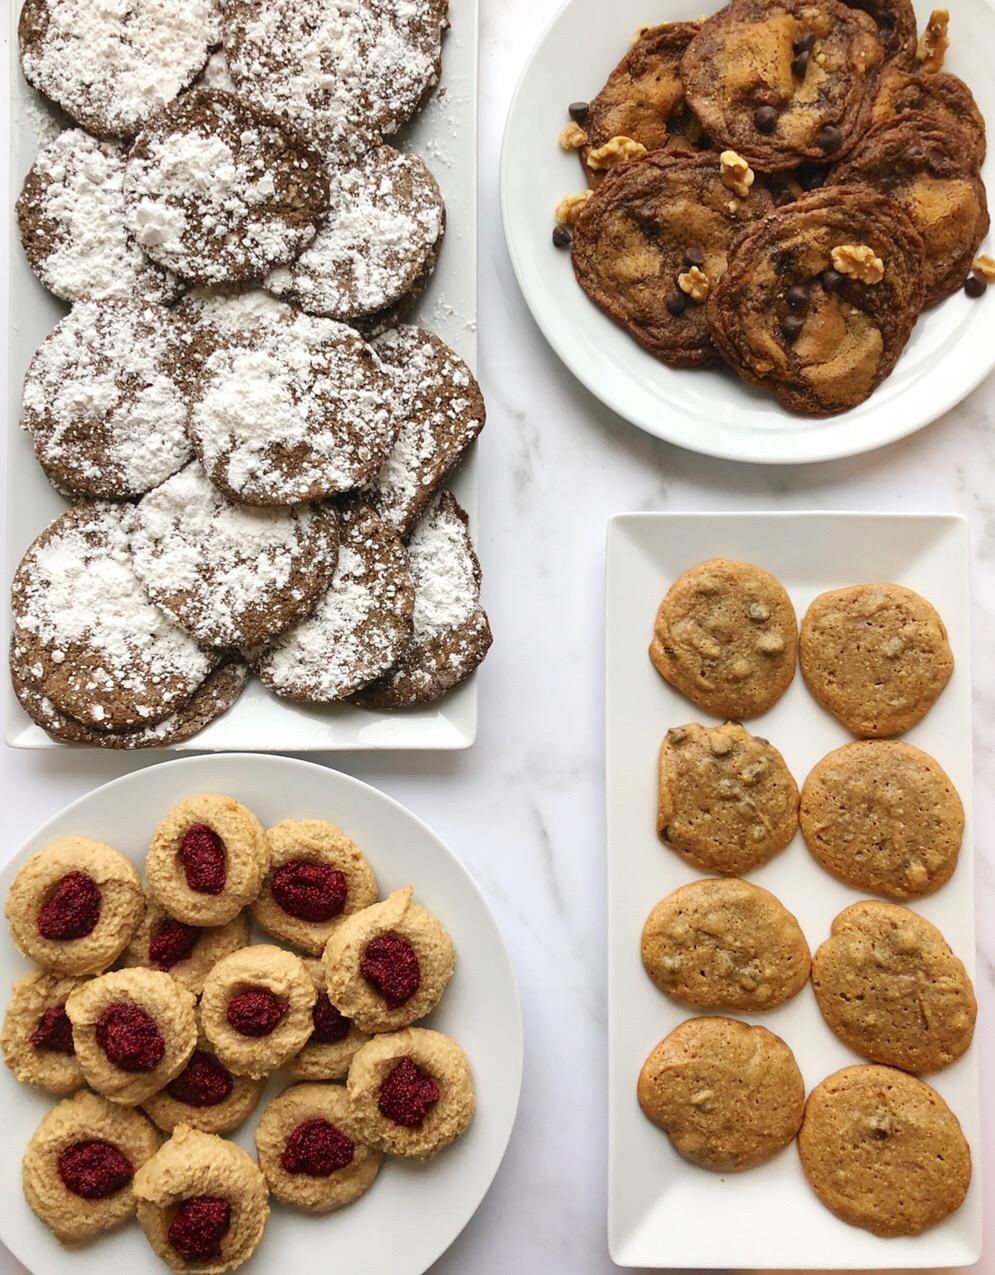 lowfodmap cookies.jpg